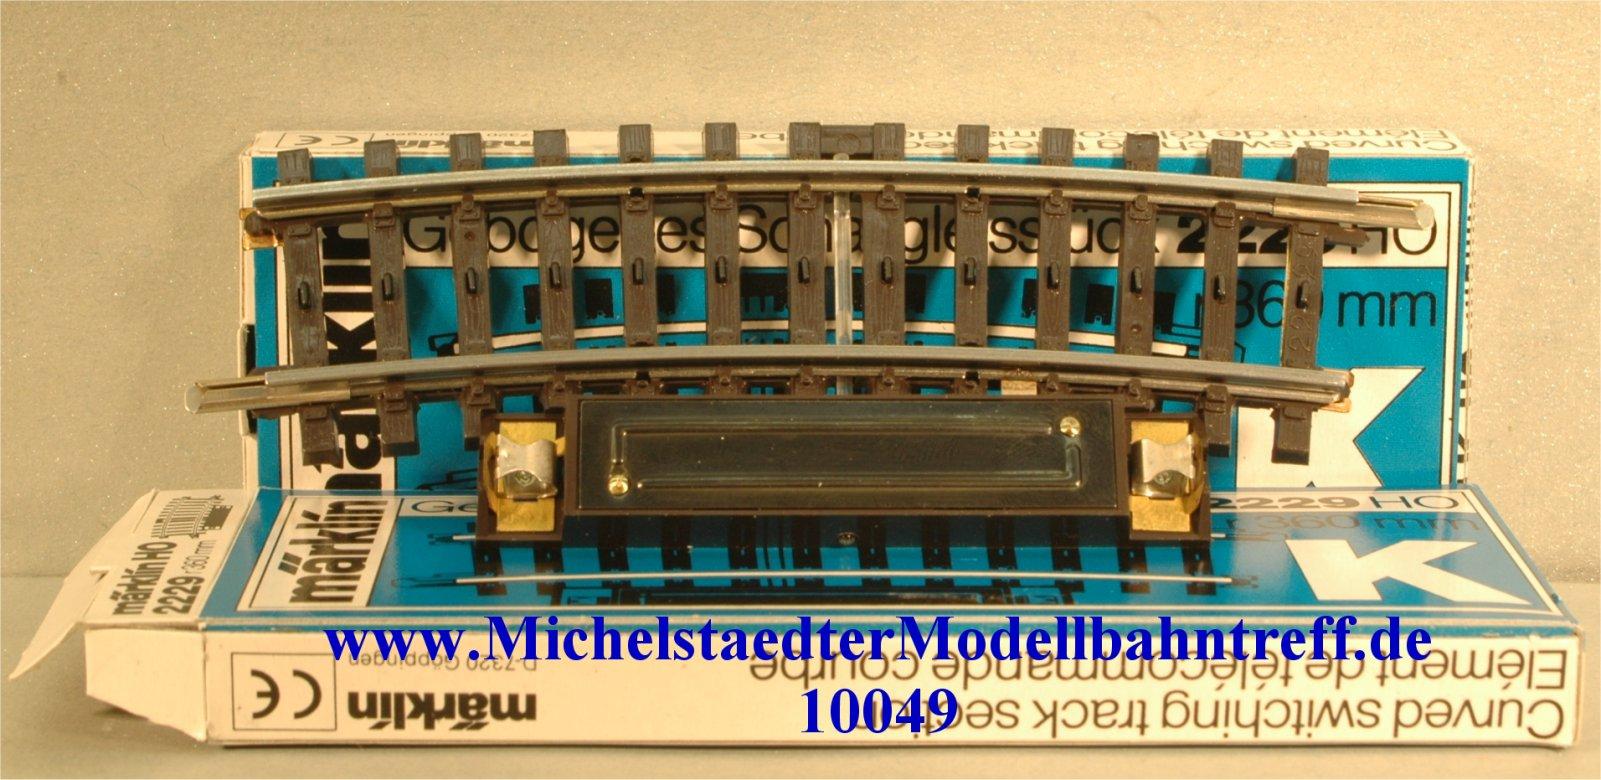 Märklin 2229 Schaltgleis gebogen, (10049)